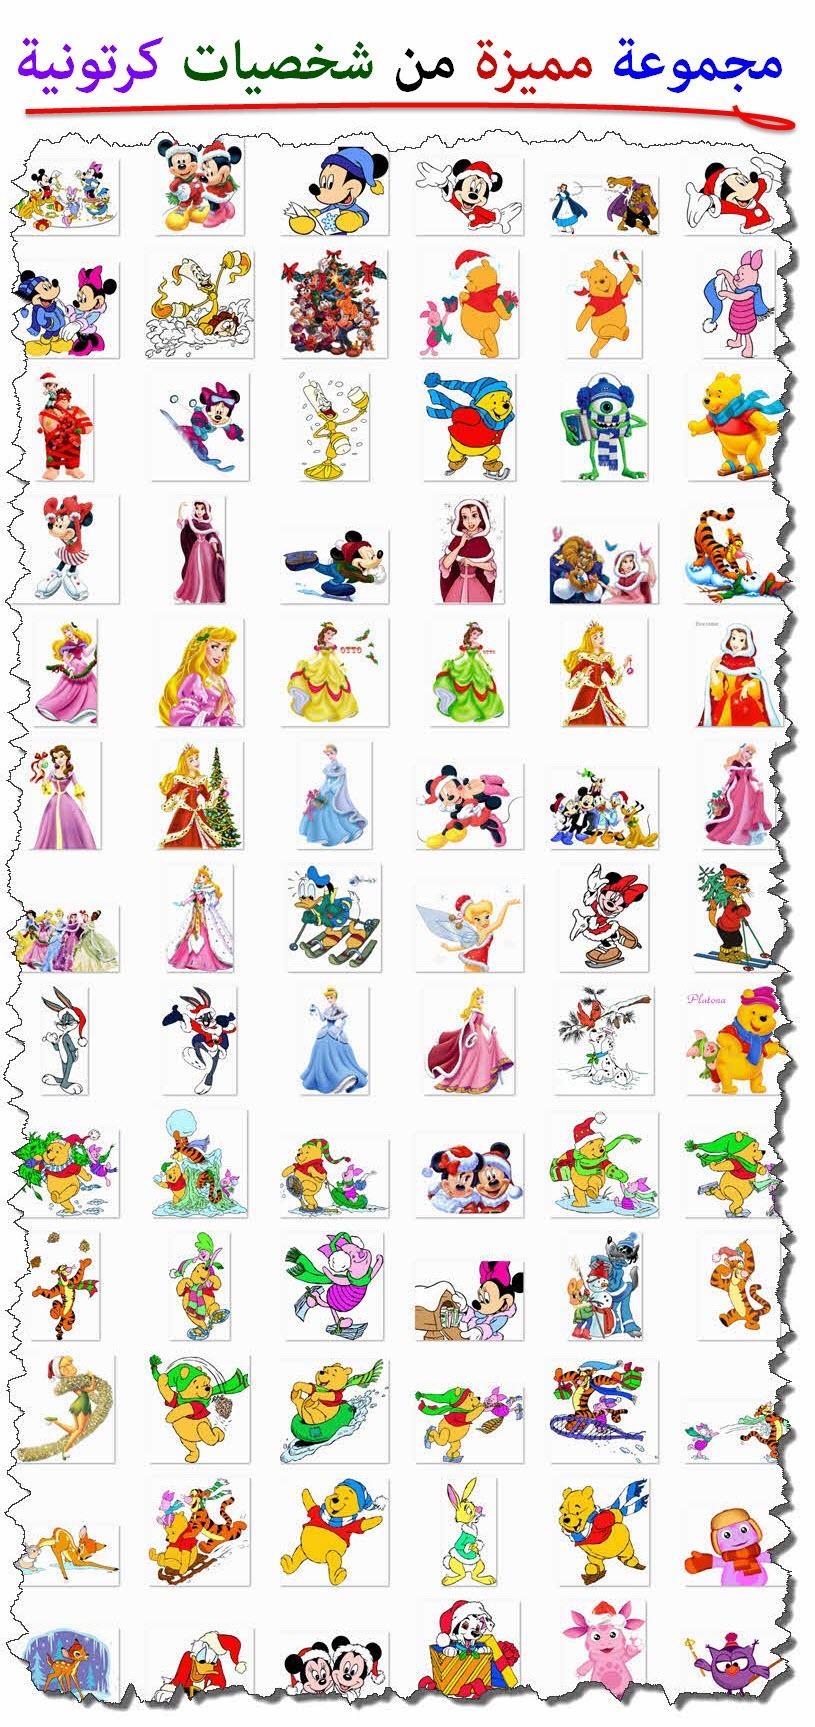 شخصيات كرتونية بخلفية شفافة.تصميم قصص أطفال .تصميم وسائل تعليمية 1464281694971.jpg